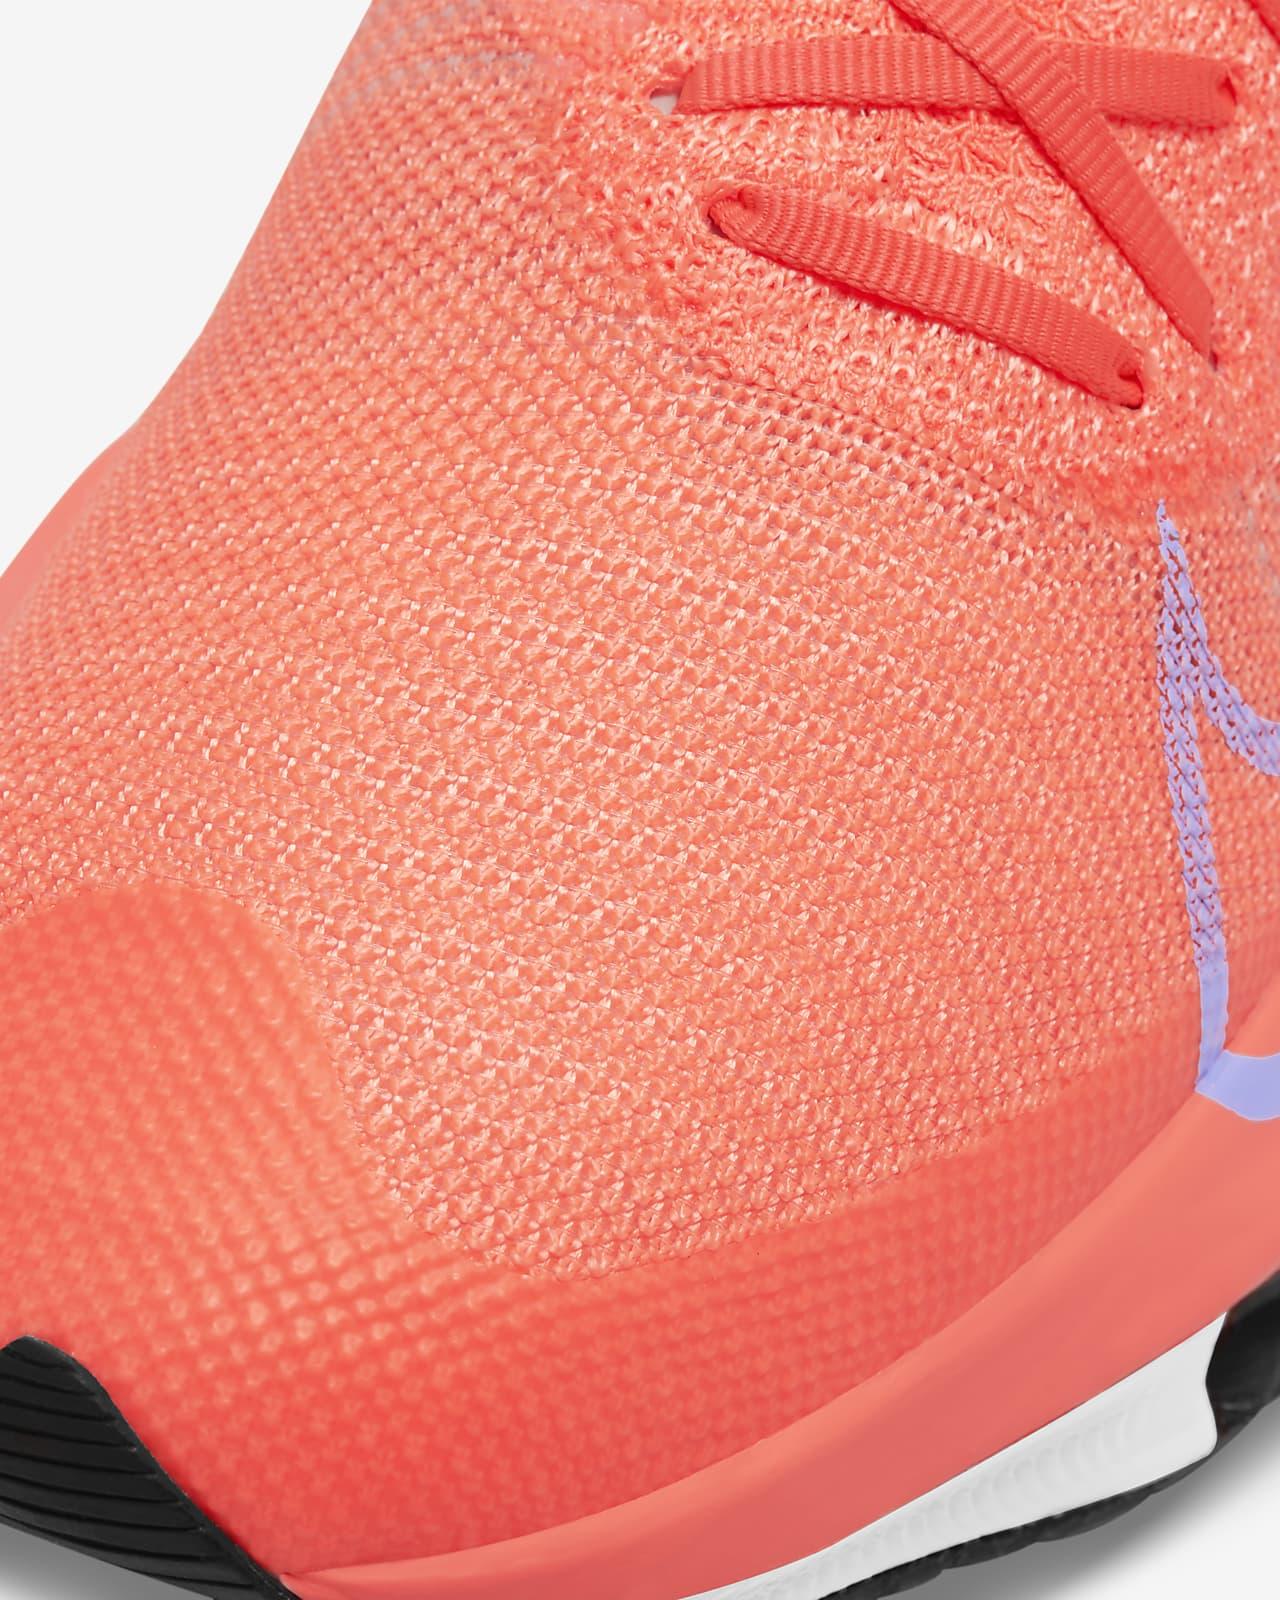 รองเท้าวิ่งผู้หญิง Nike Air Zoom Tempo NEXT%